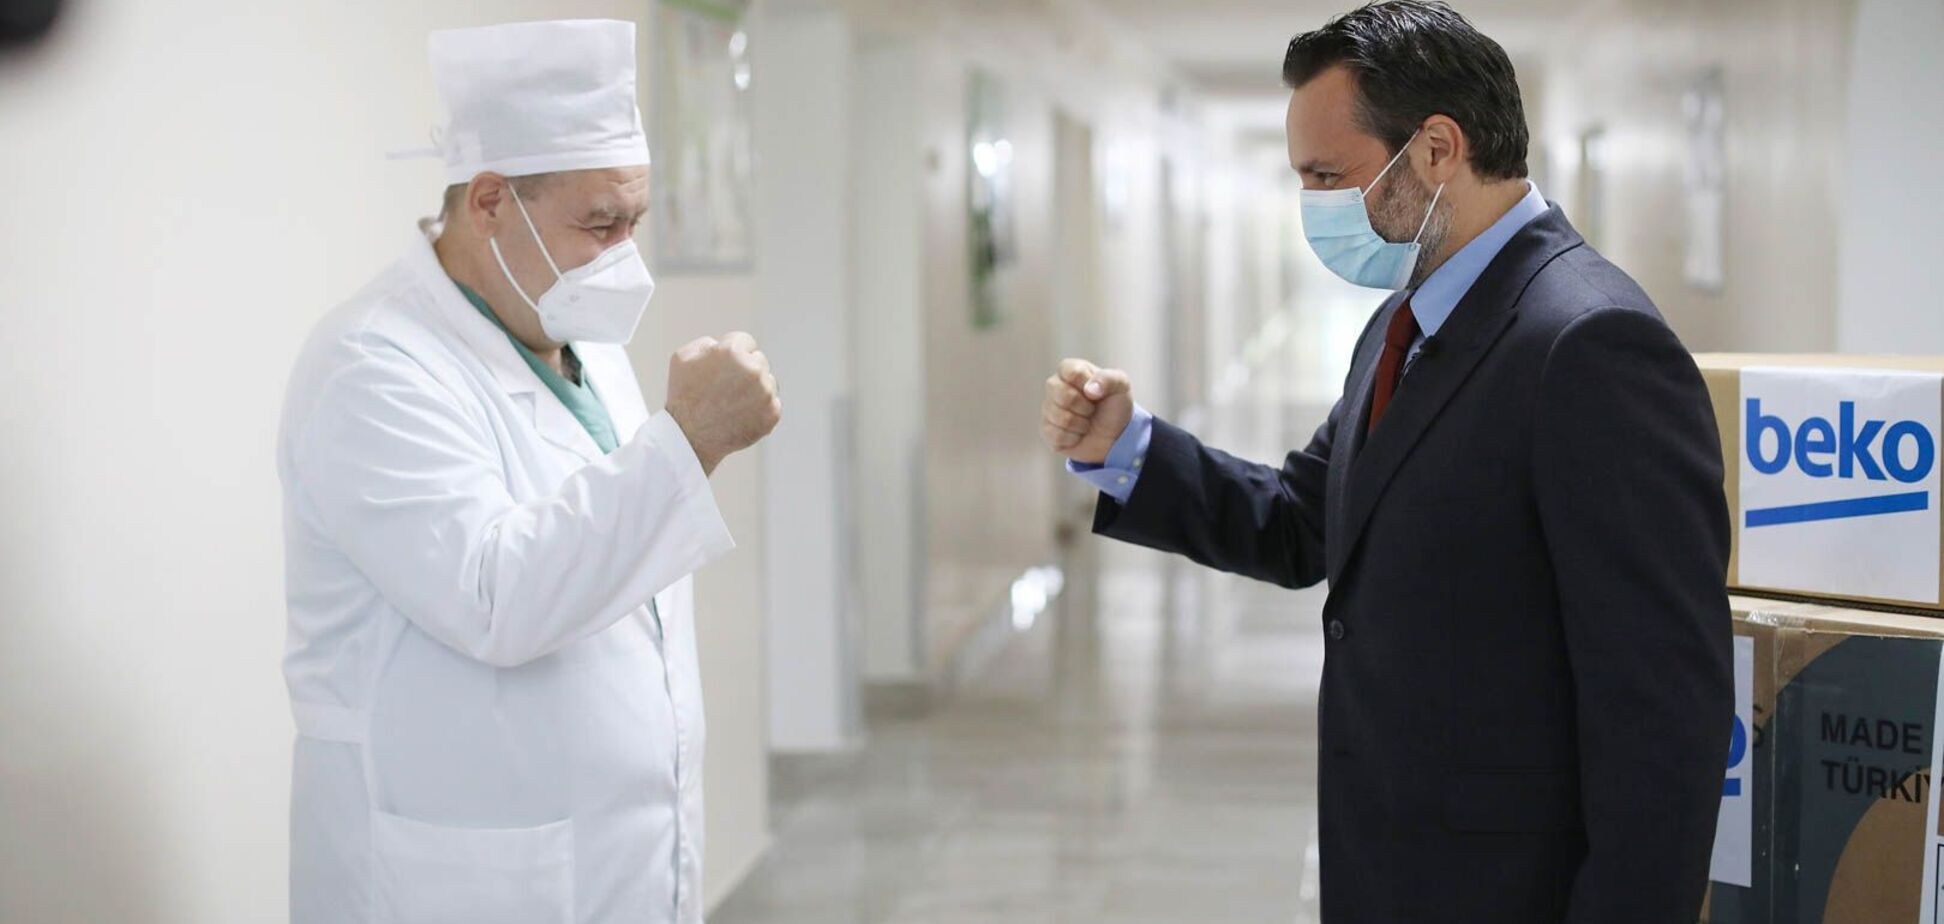 Компания Беко подарила аппараты ИВЛ украинским больницам